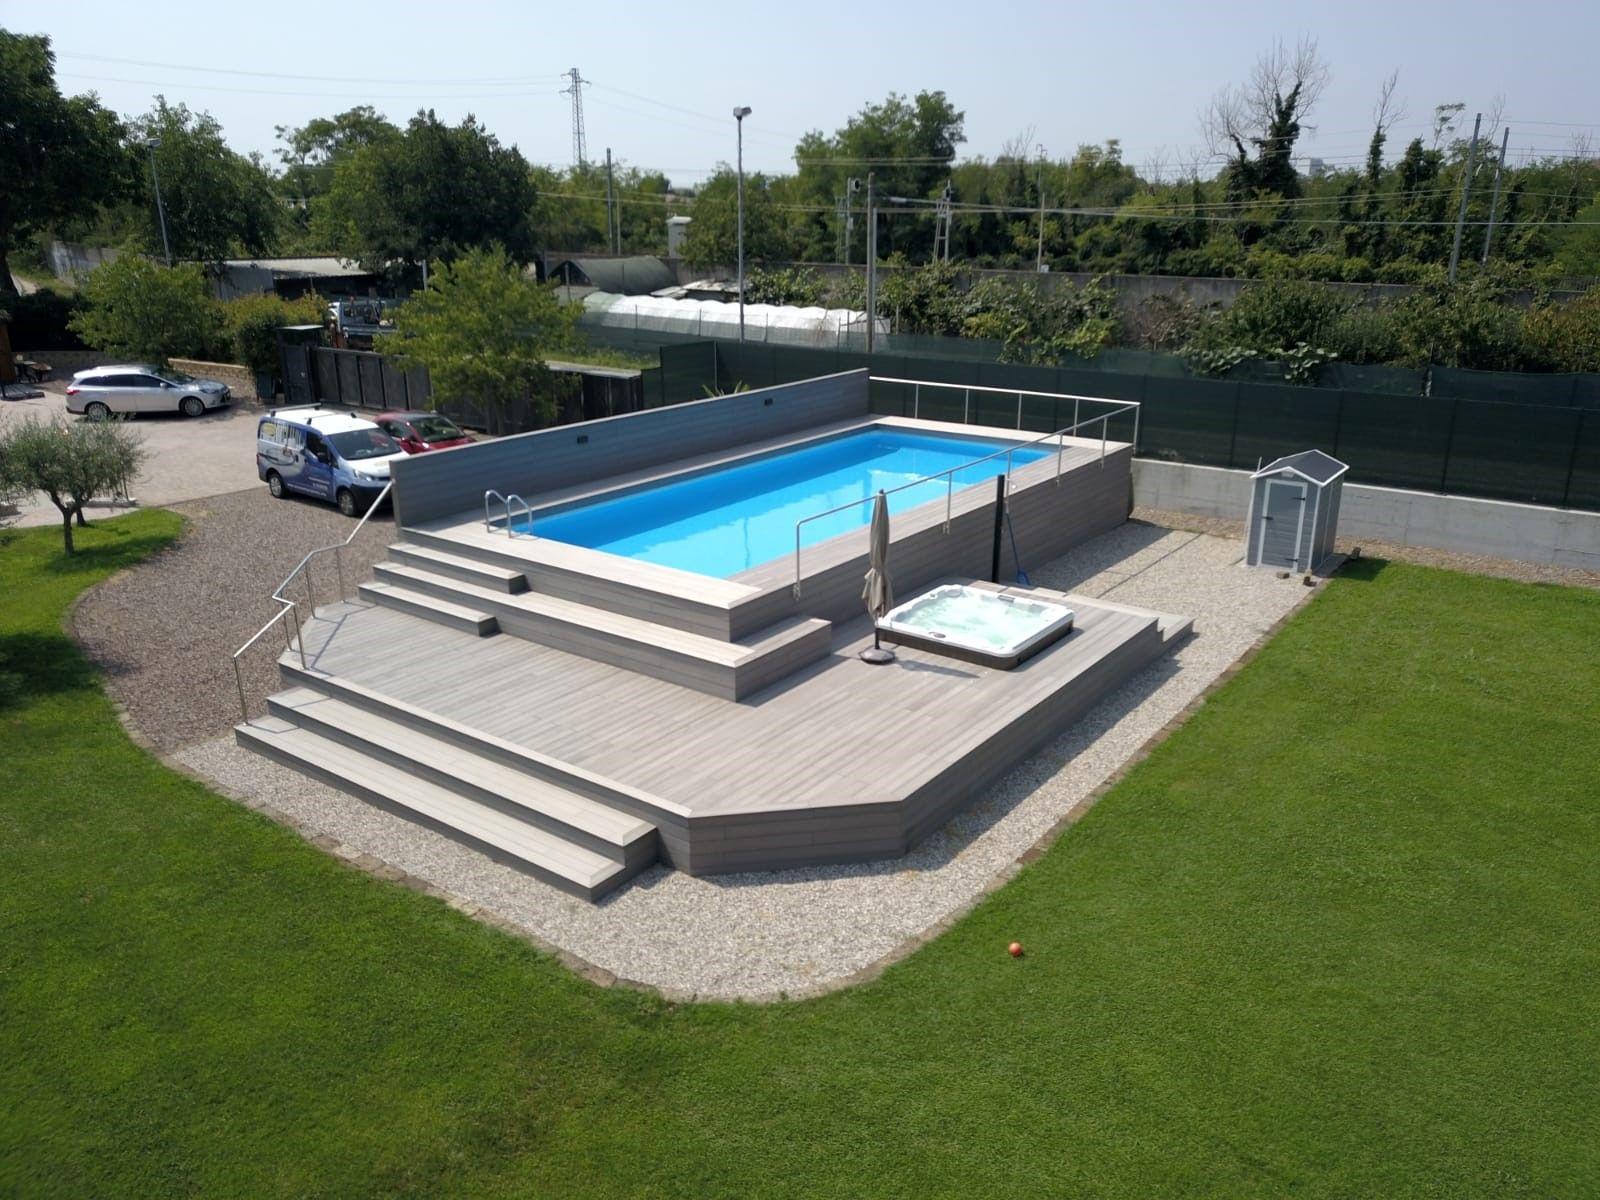 Piscine Da Esterno Rivestite In Legno le 48 più belle piscine fuori terra rivestite piscine (con